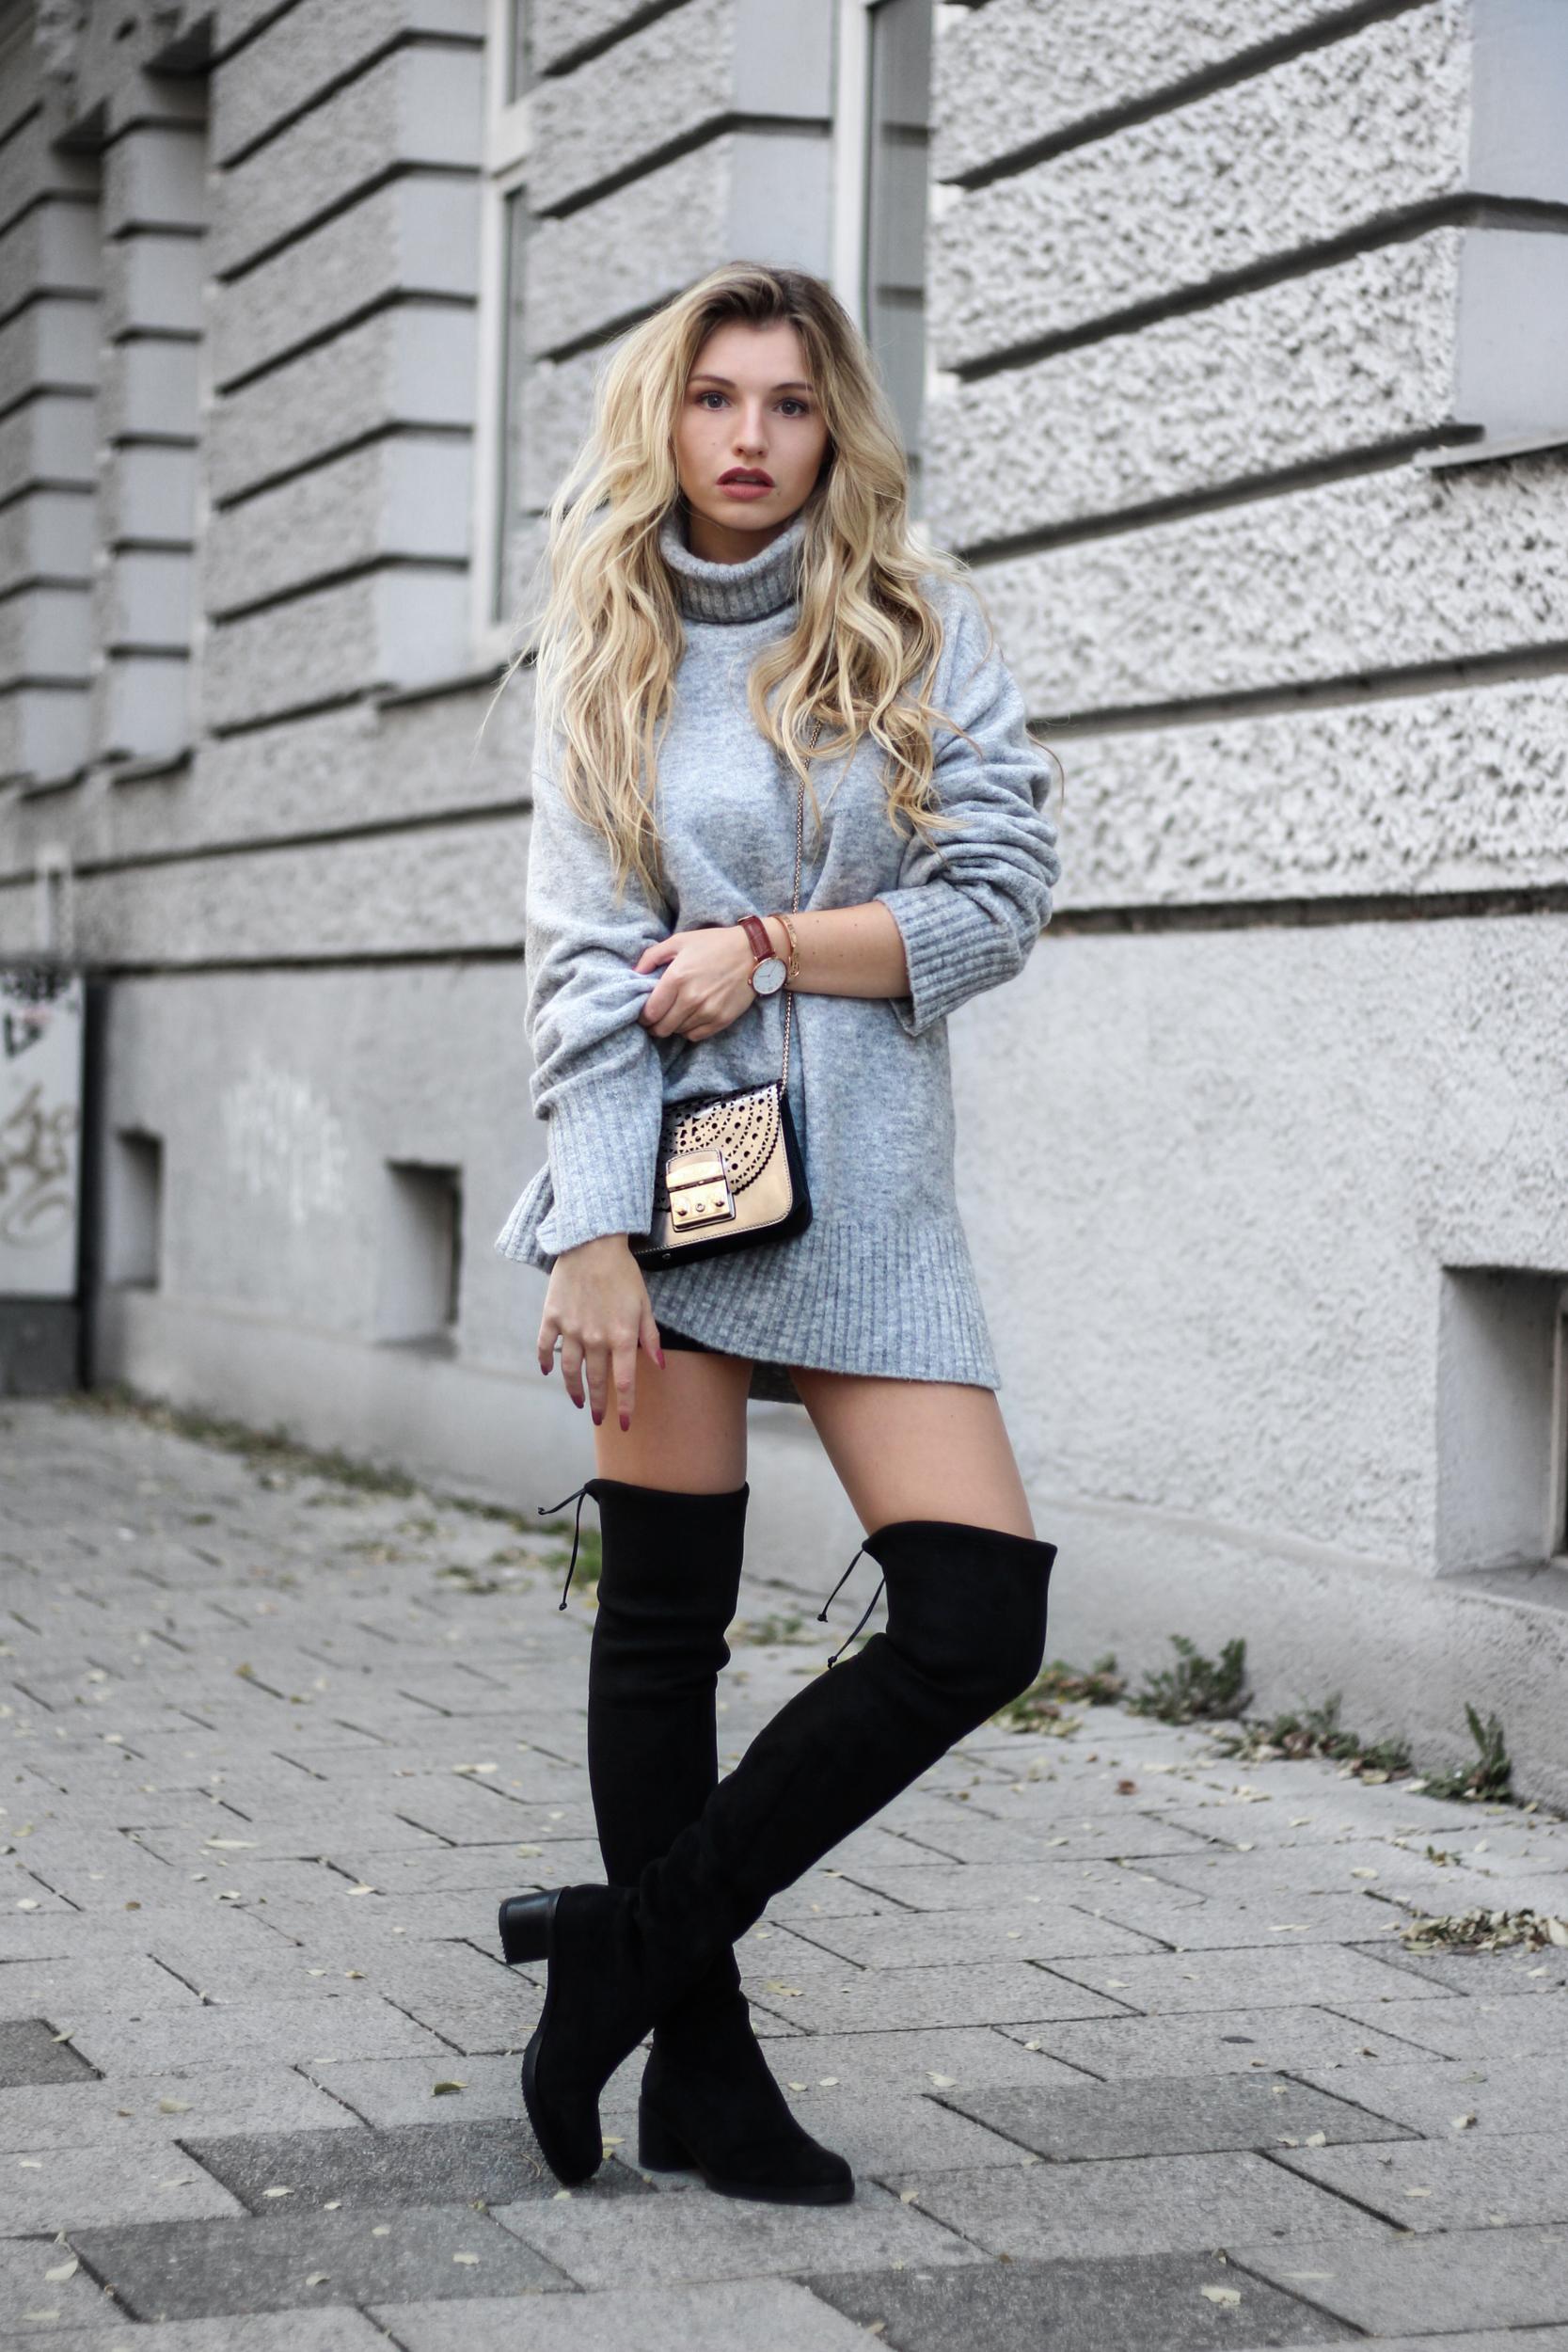 franziska-elea-blogger-aus-muenchen-about-you-overknee-stiefel-herbst-2016-oversize-pullover-overknees-kombinieren-winterstiefel-fall-outfit-look